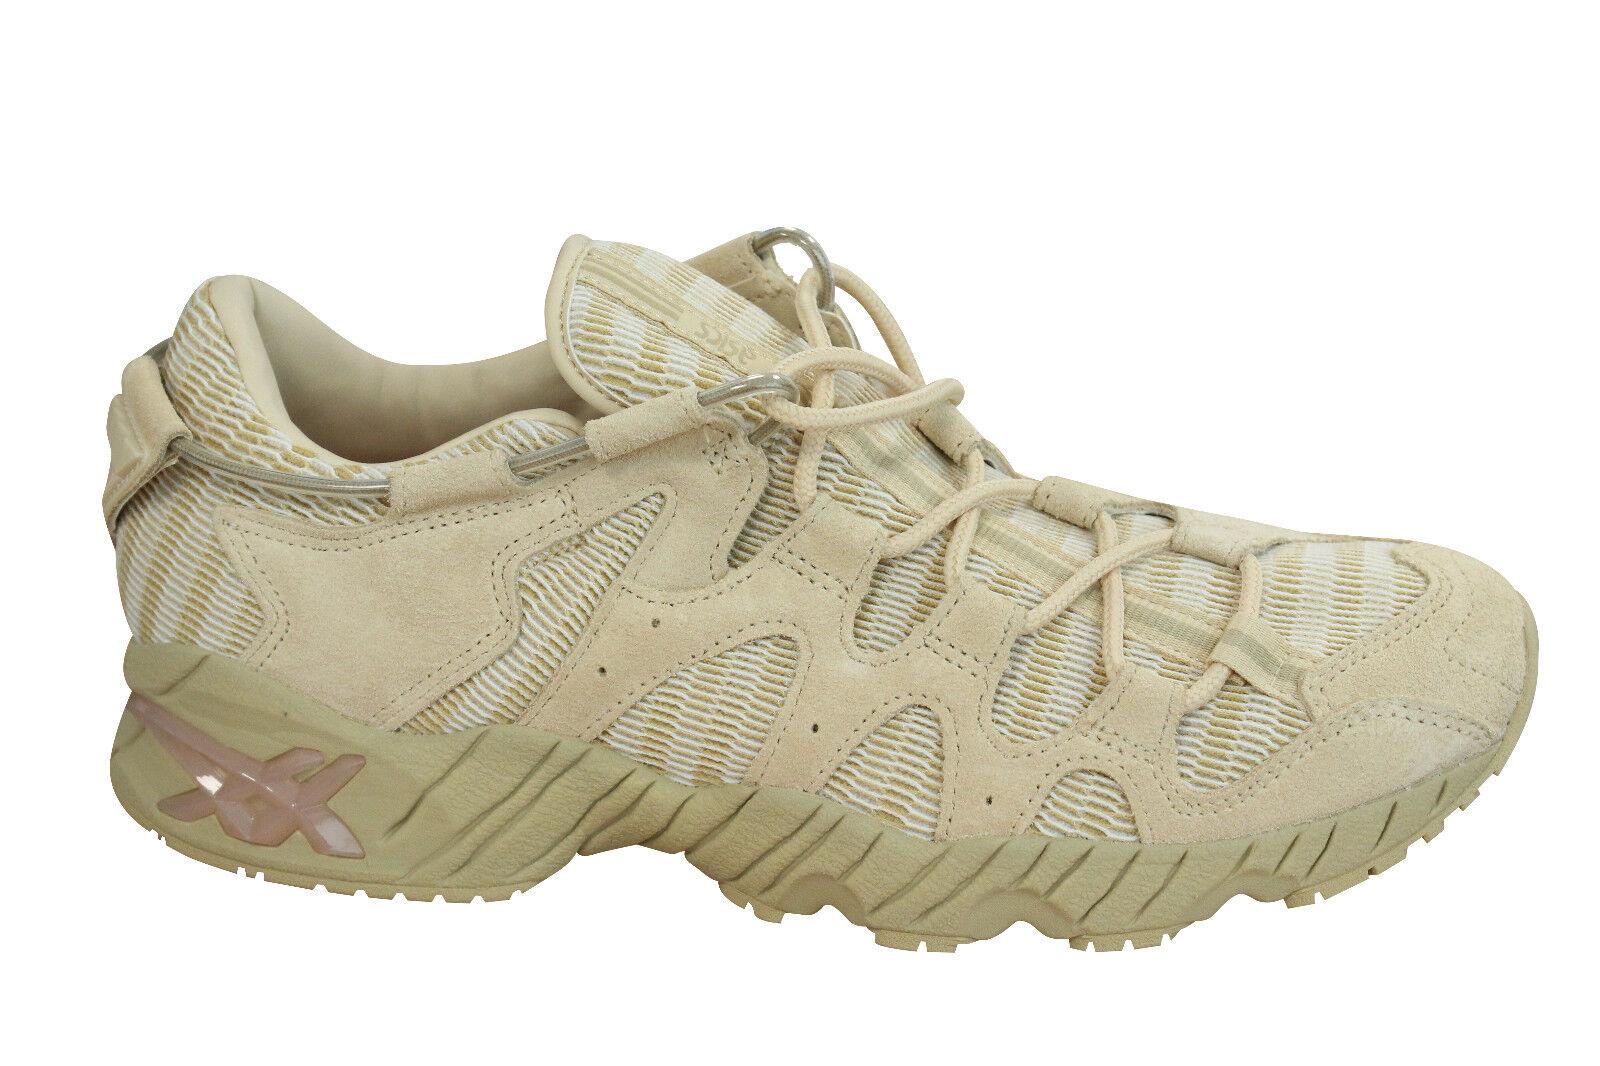 Details about Asics Gel Mai fuzeGEL Mens Trainers Lace Up Shoes Marzipan H7Y3L 0505 D27